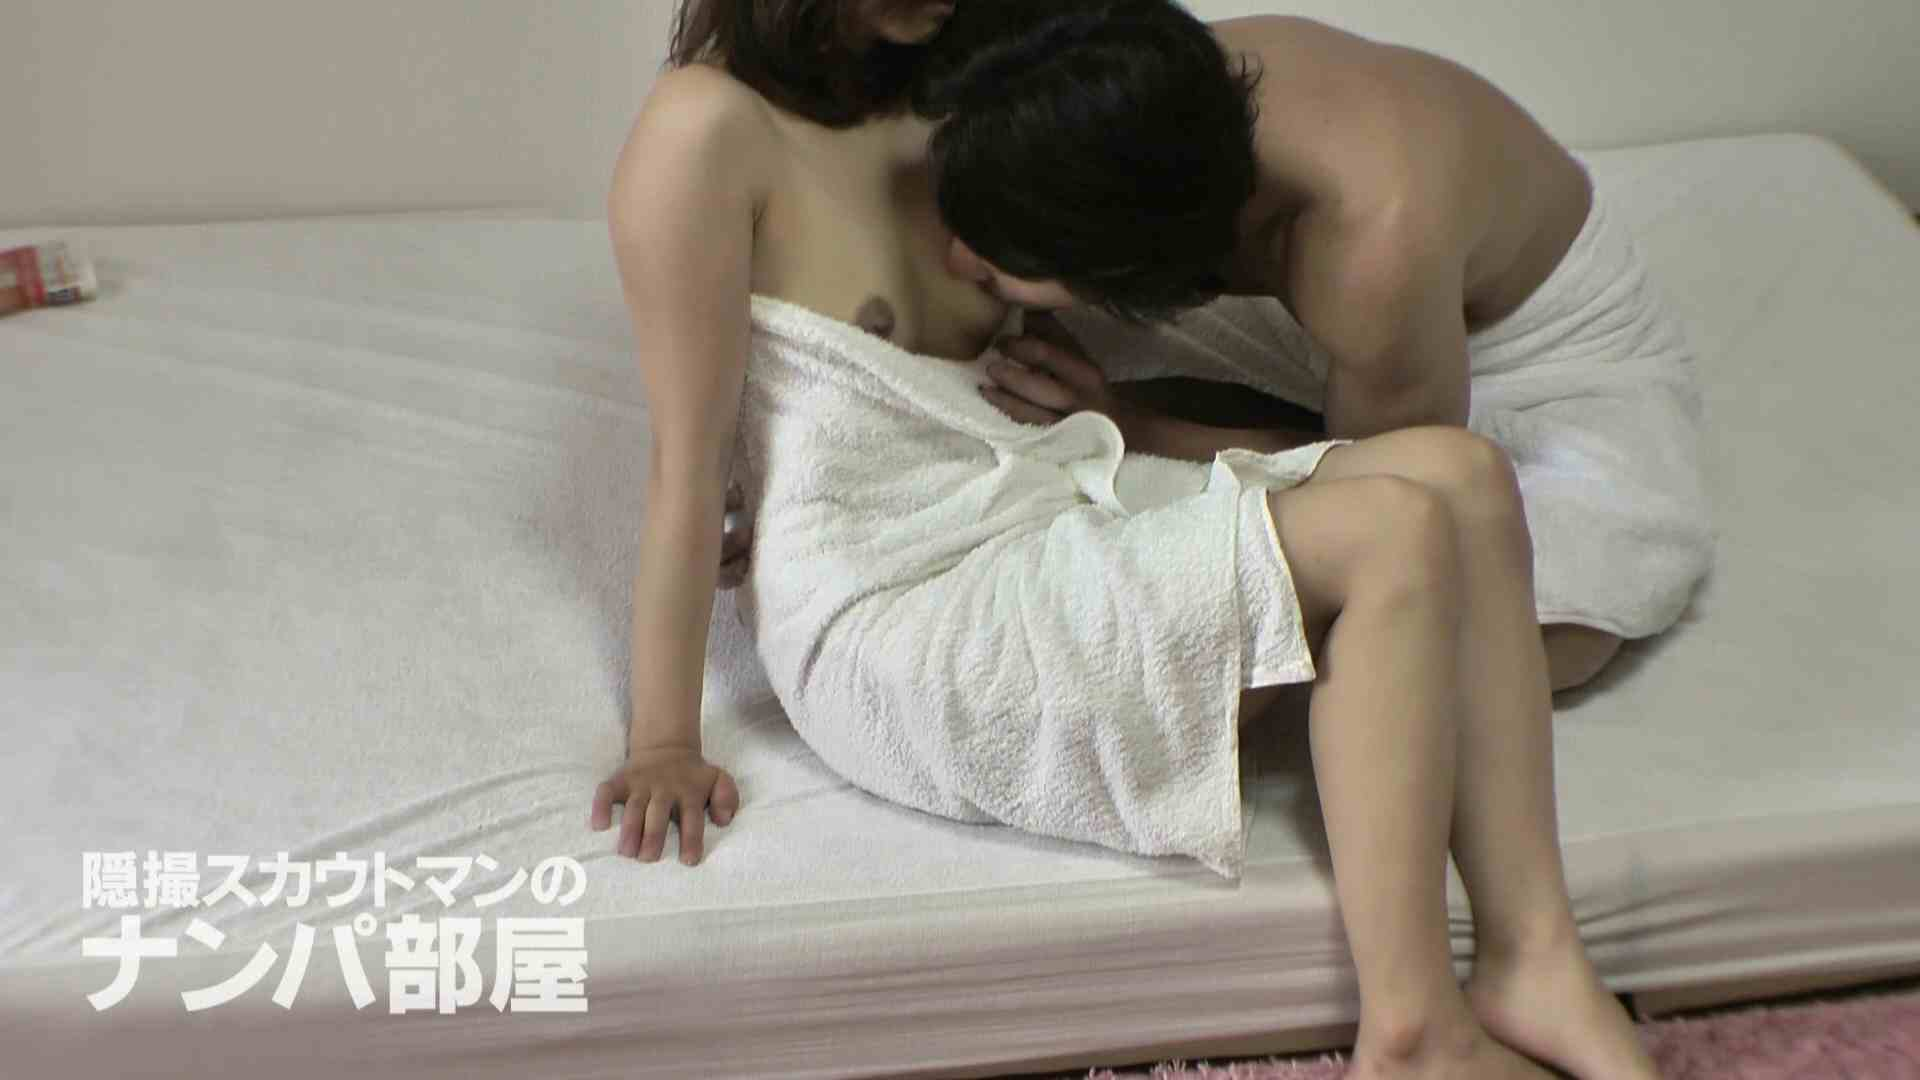 隠撮スカウトマンのナンパ部屋~風俗デビュー前のつまみ食い~ sii 隠撮   脱衣所  67pic 41